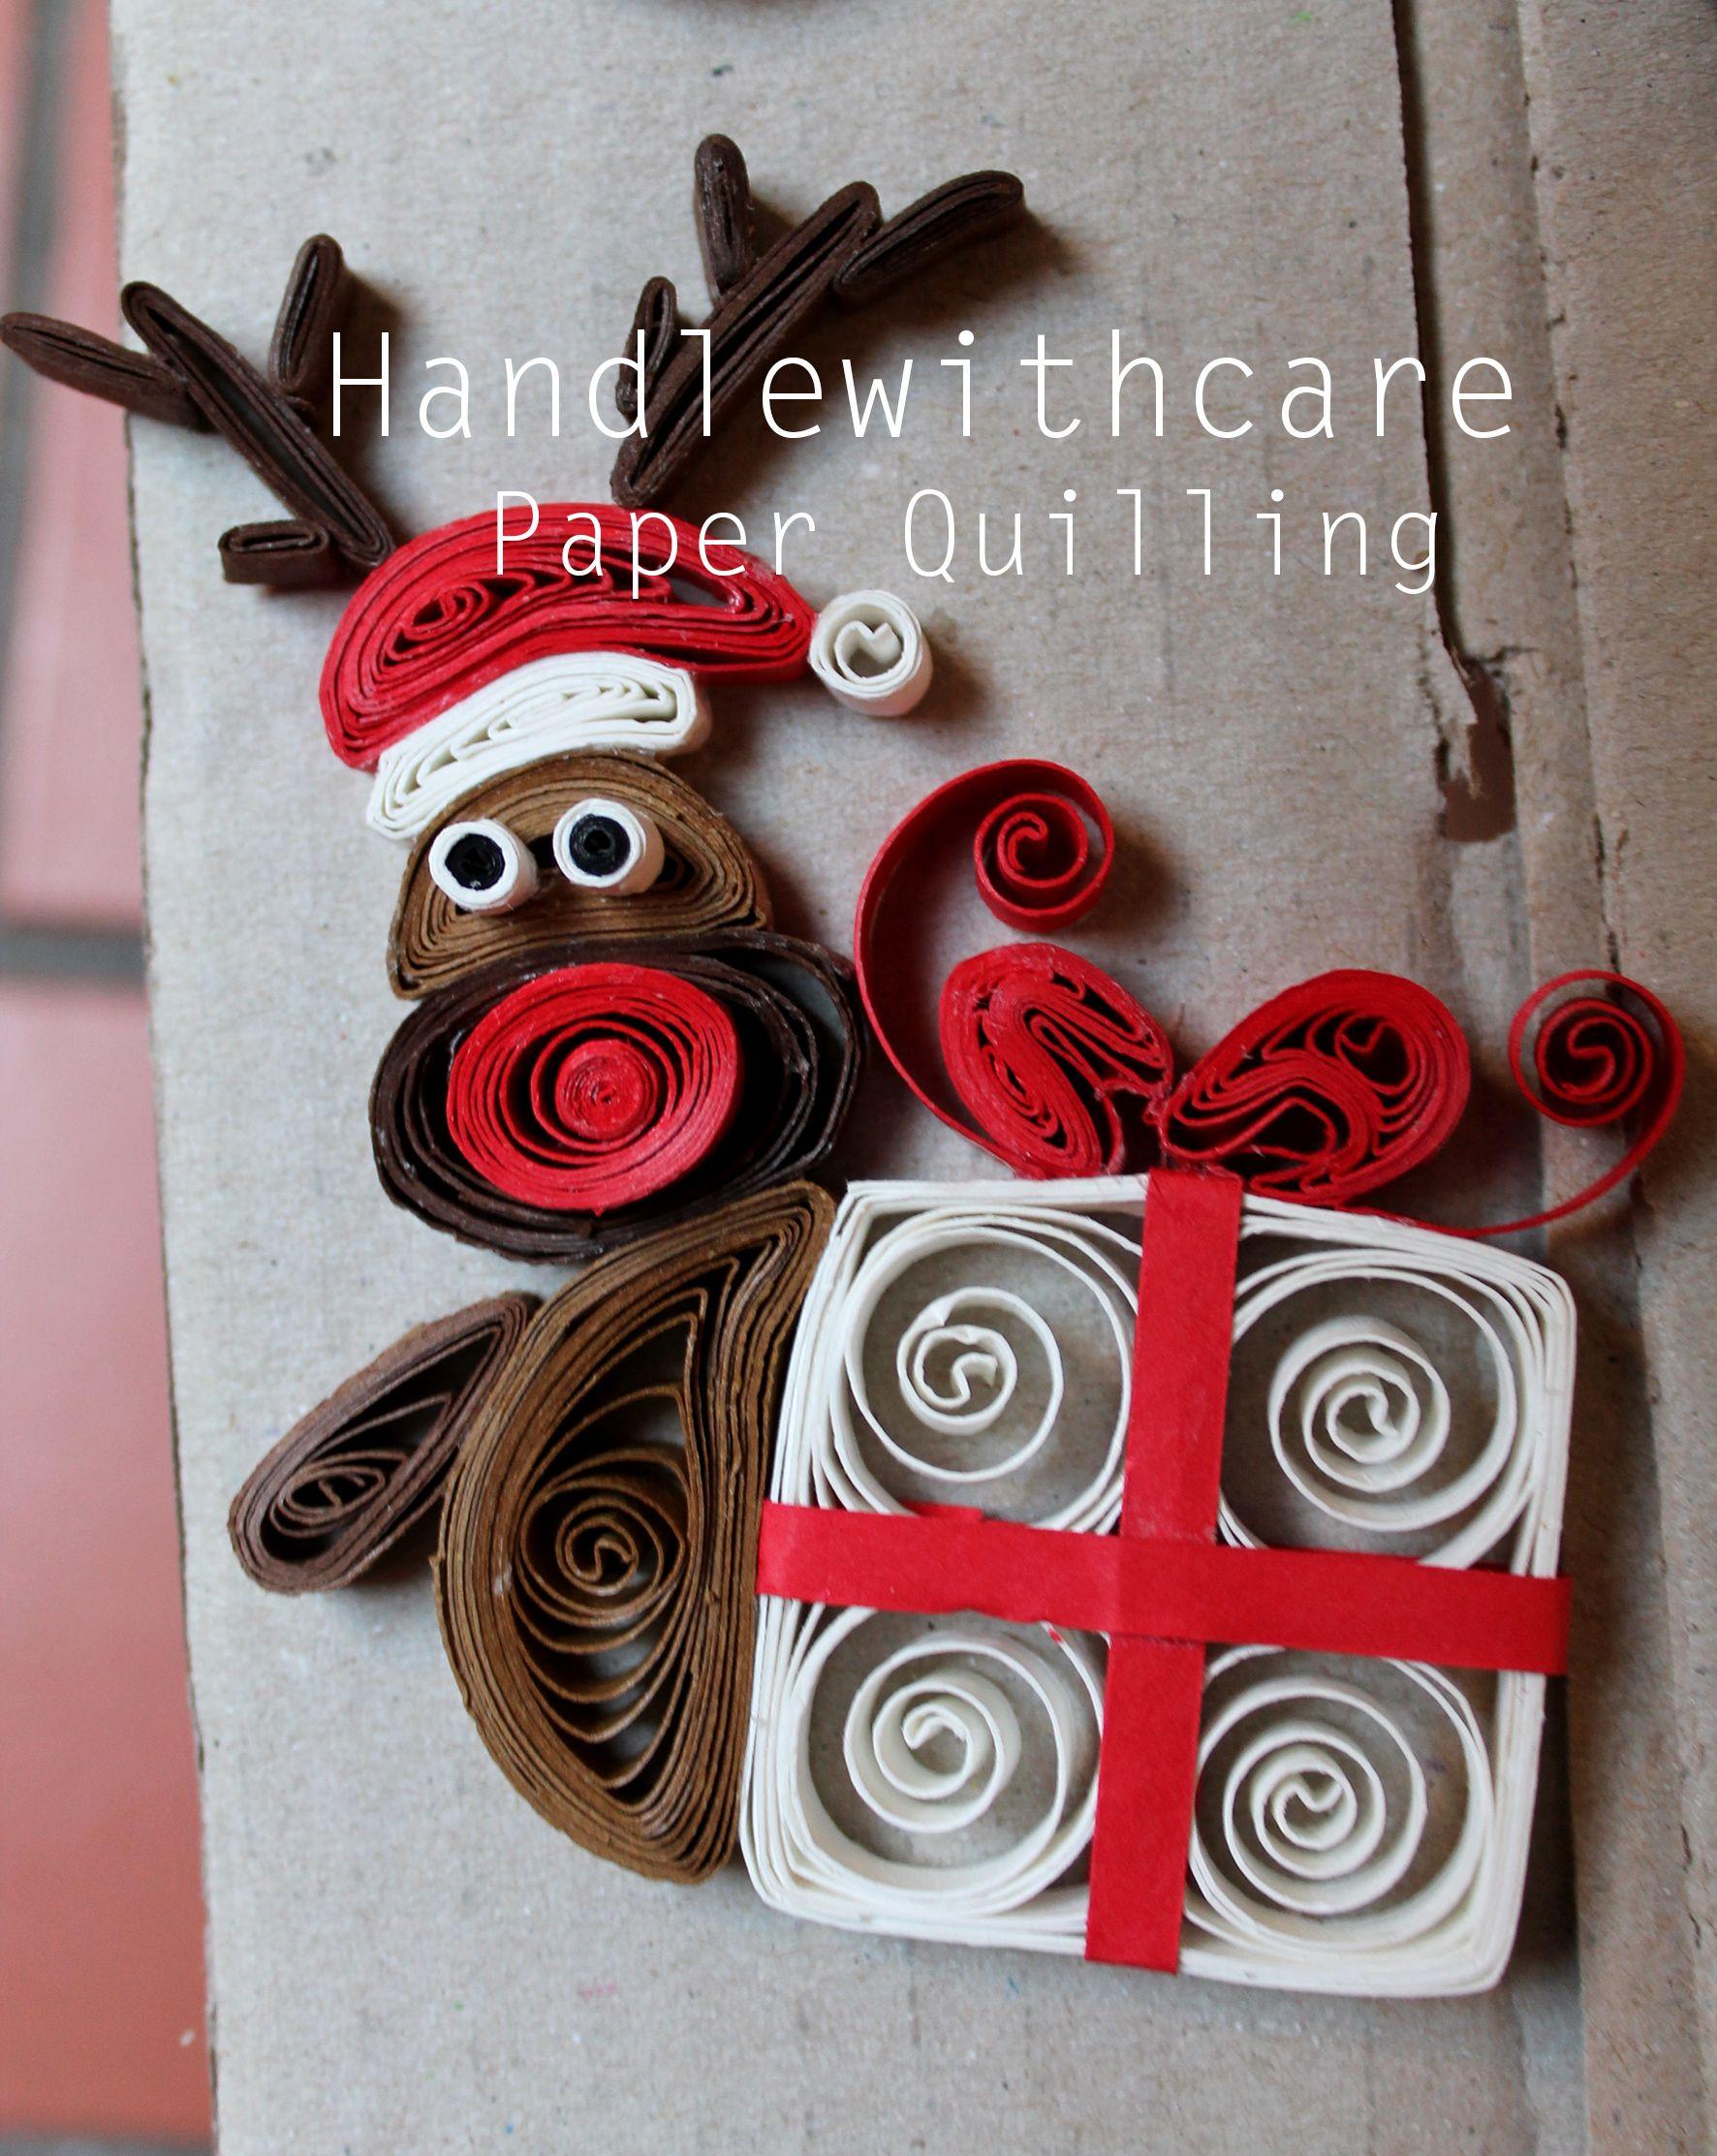 Decorazioni Natalizie Quilling.Quilling Christmas Decorazioni Natalizie Handlewithcare Paper